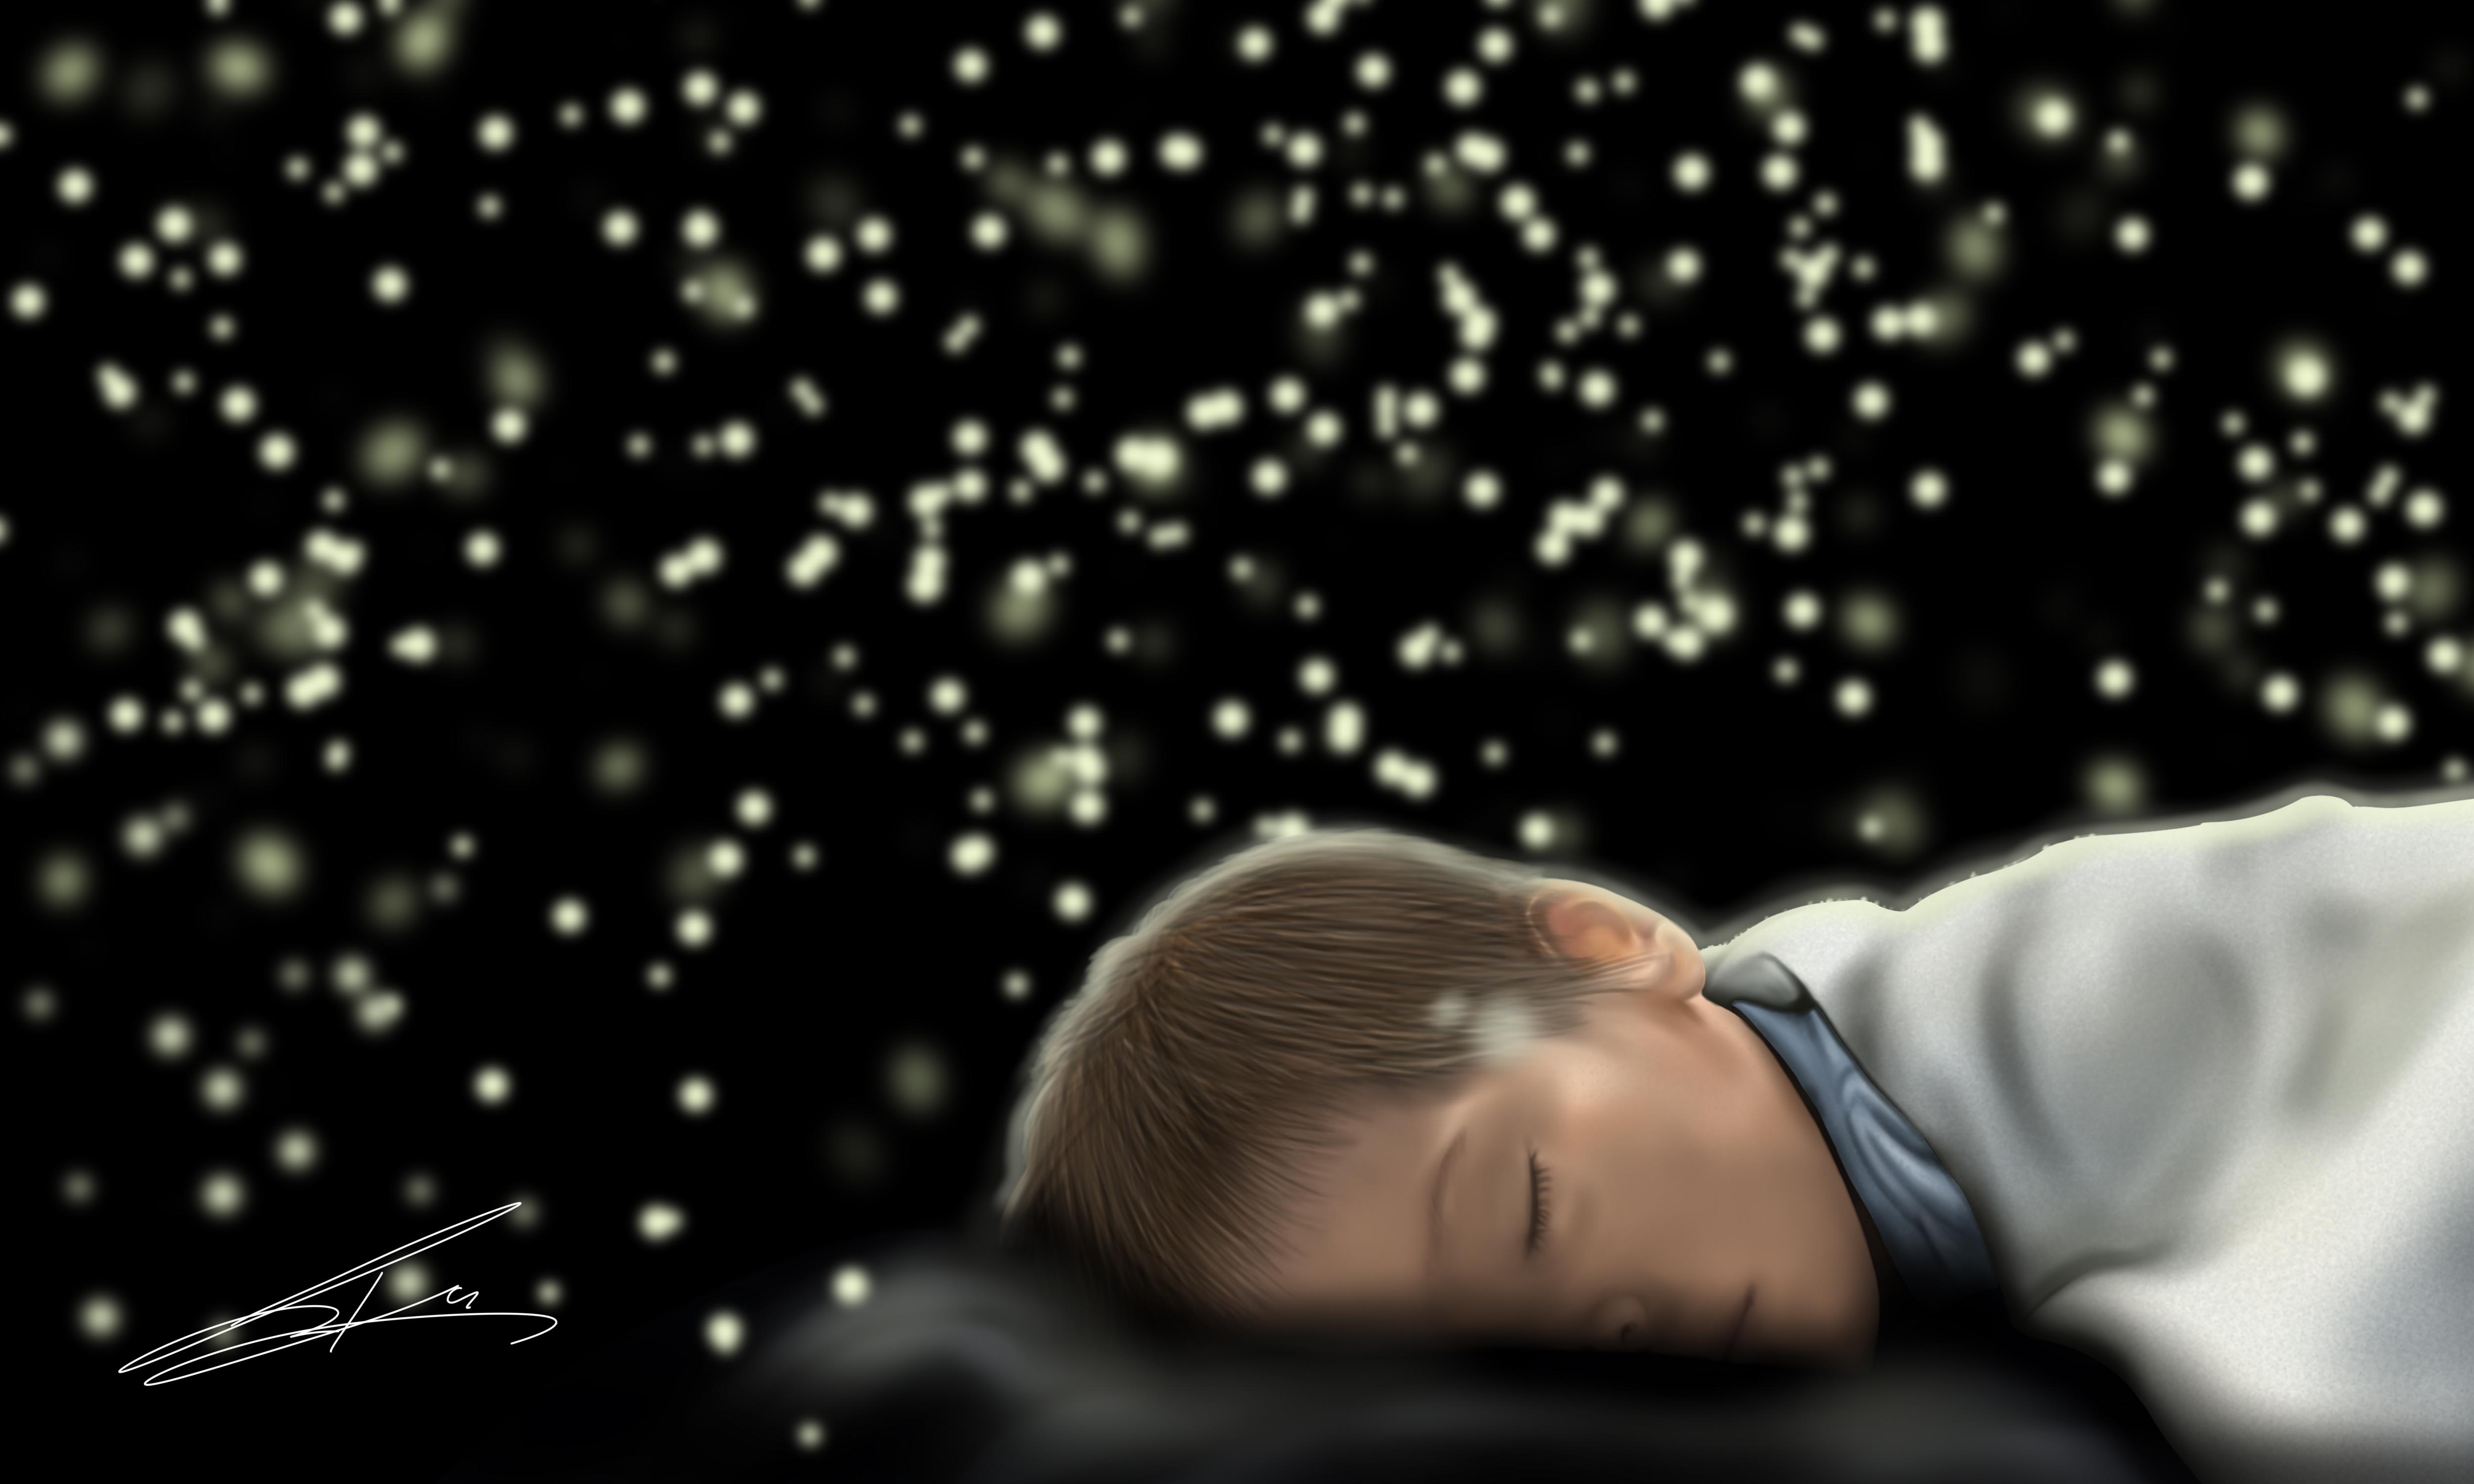 My_son_sleep